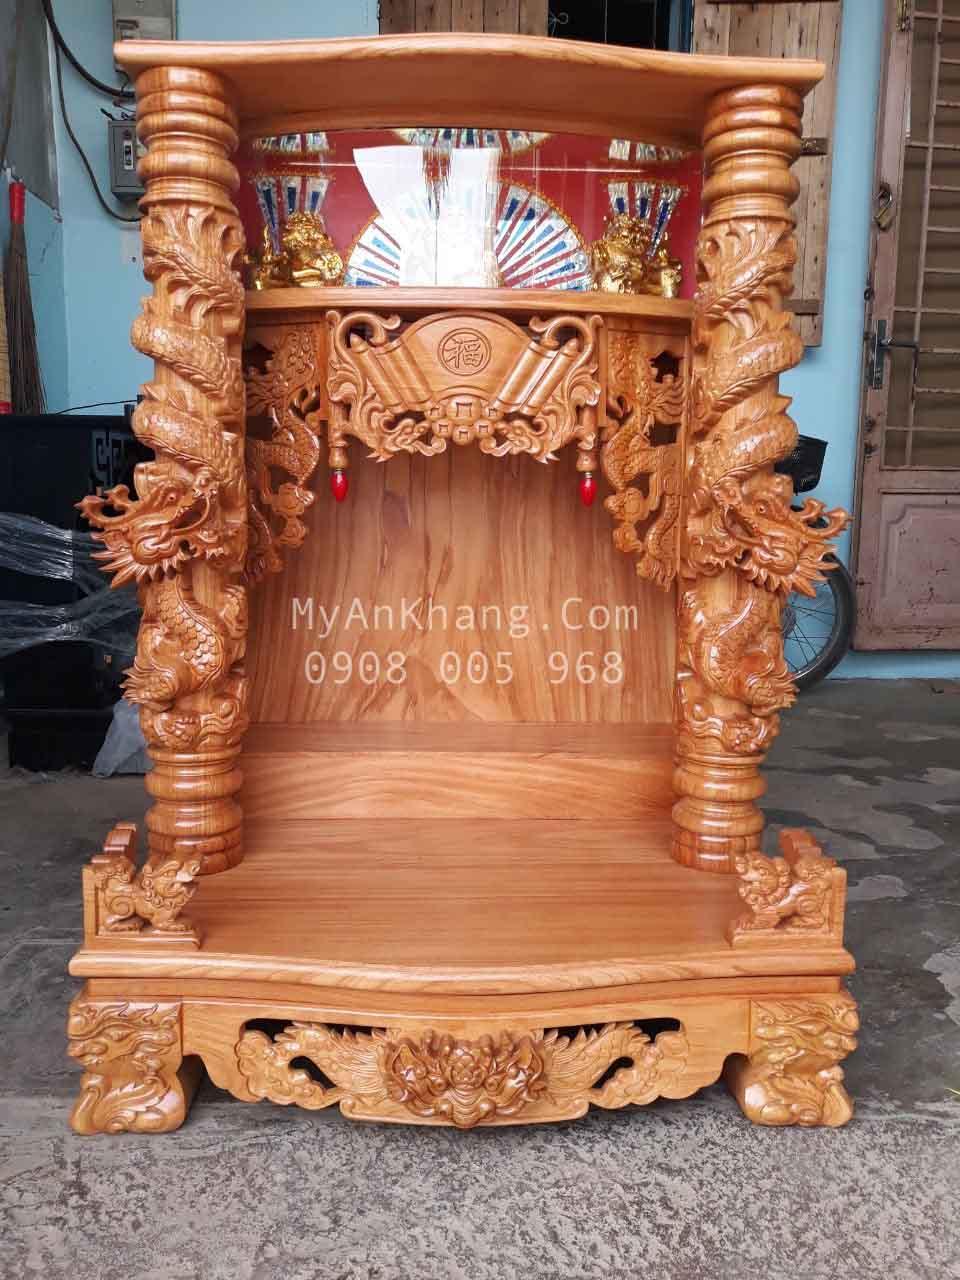 Thay bàn thờ thần tài ông địa hộp đèn cho bàn thờ đá hoa